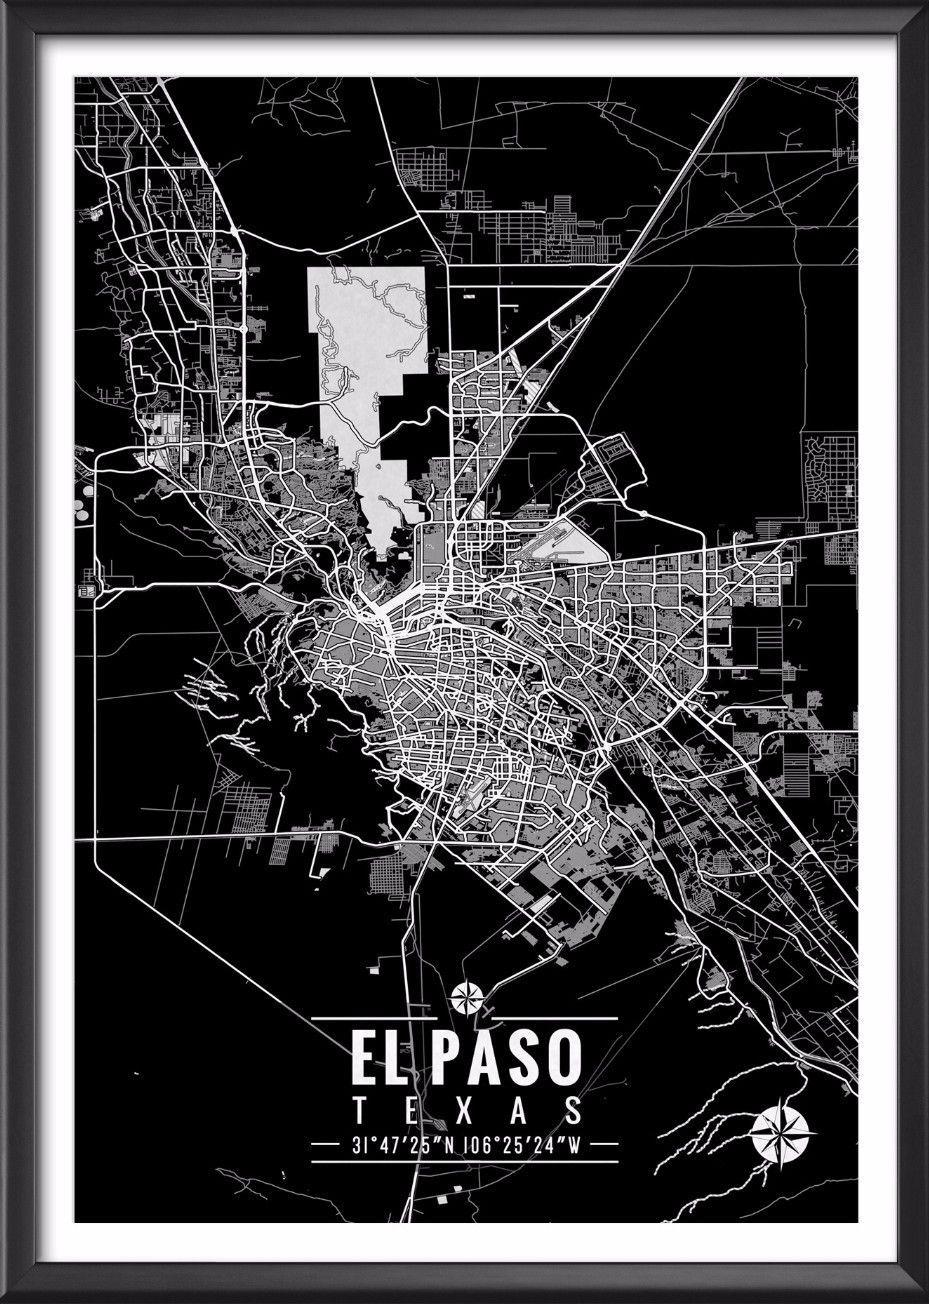 El Paso Texas Map With Coordinates In 2019